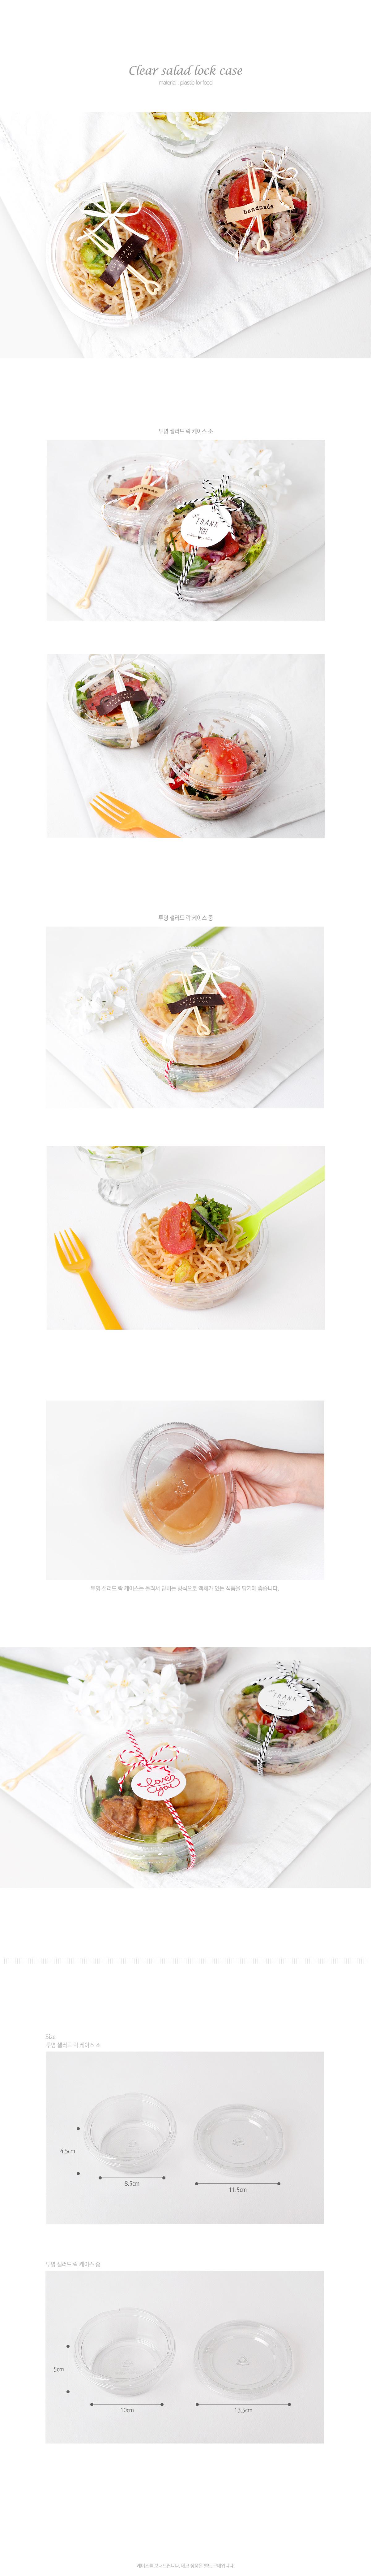 투명 샐러드 락 케이스 중 (5개) - 인디고샵, 1,650원, 피크닉도시락/식기, 피크닉도시락통